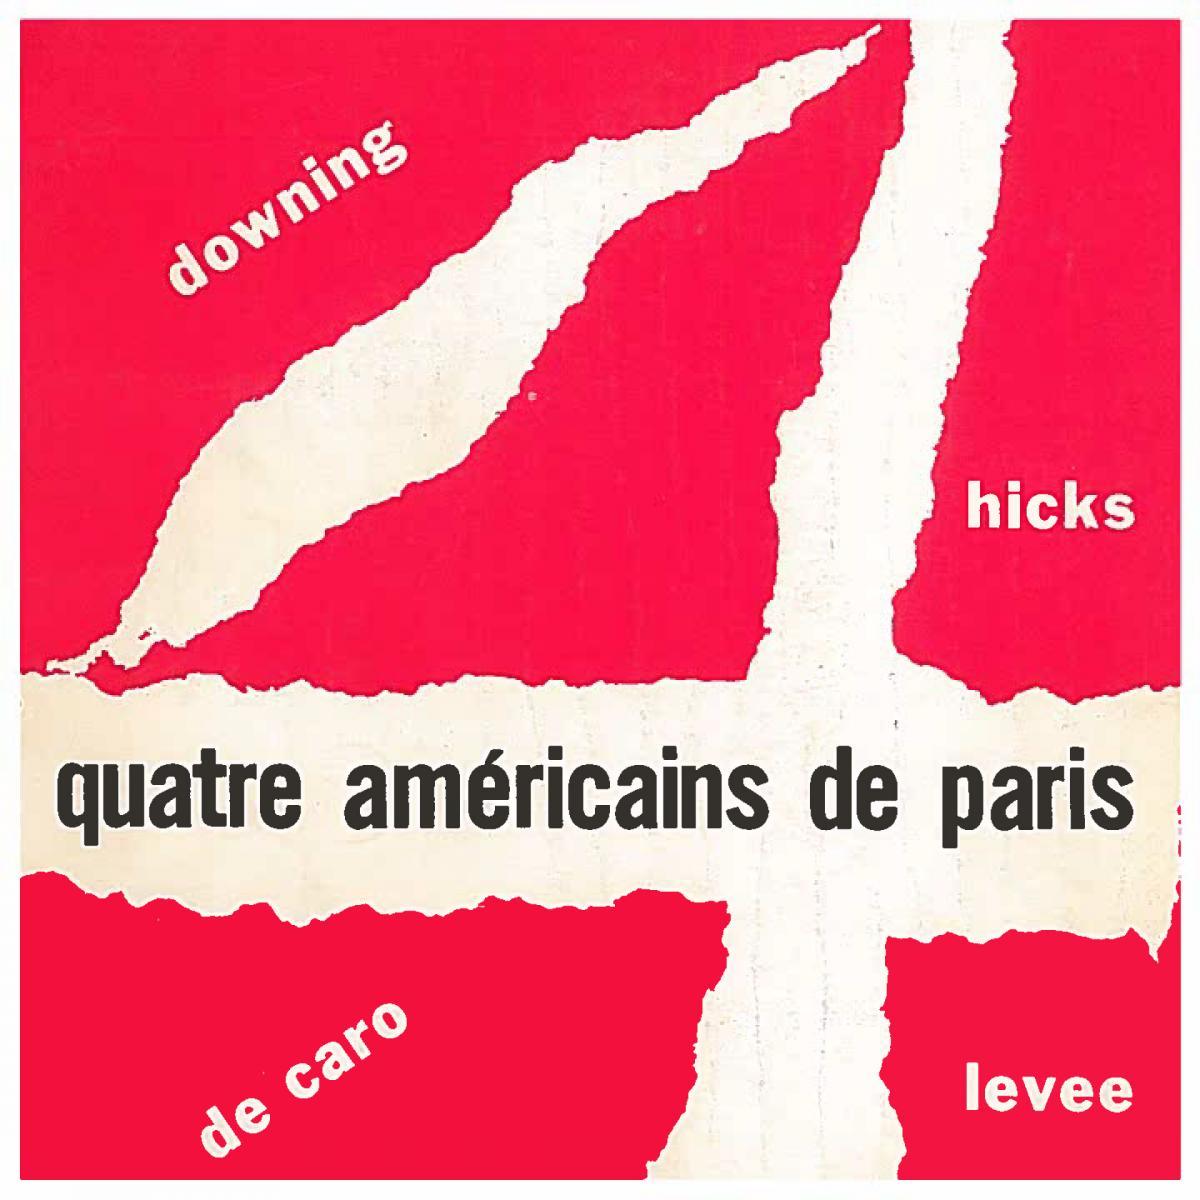 Lien vers le catalogue de l'exposition de 1969, Quatre Américains de Paris